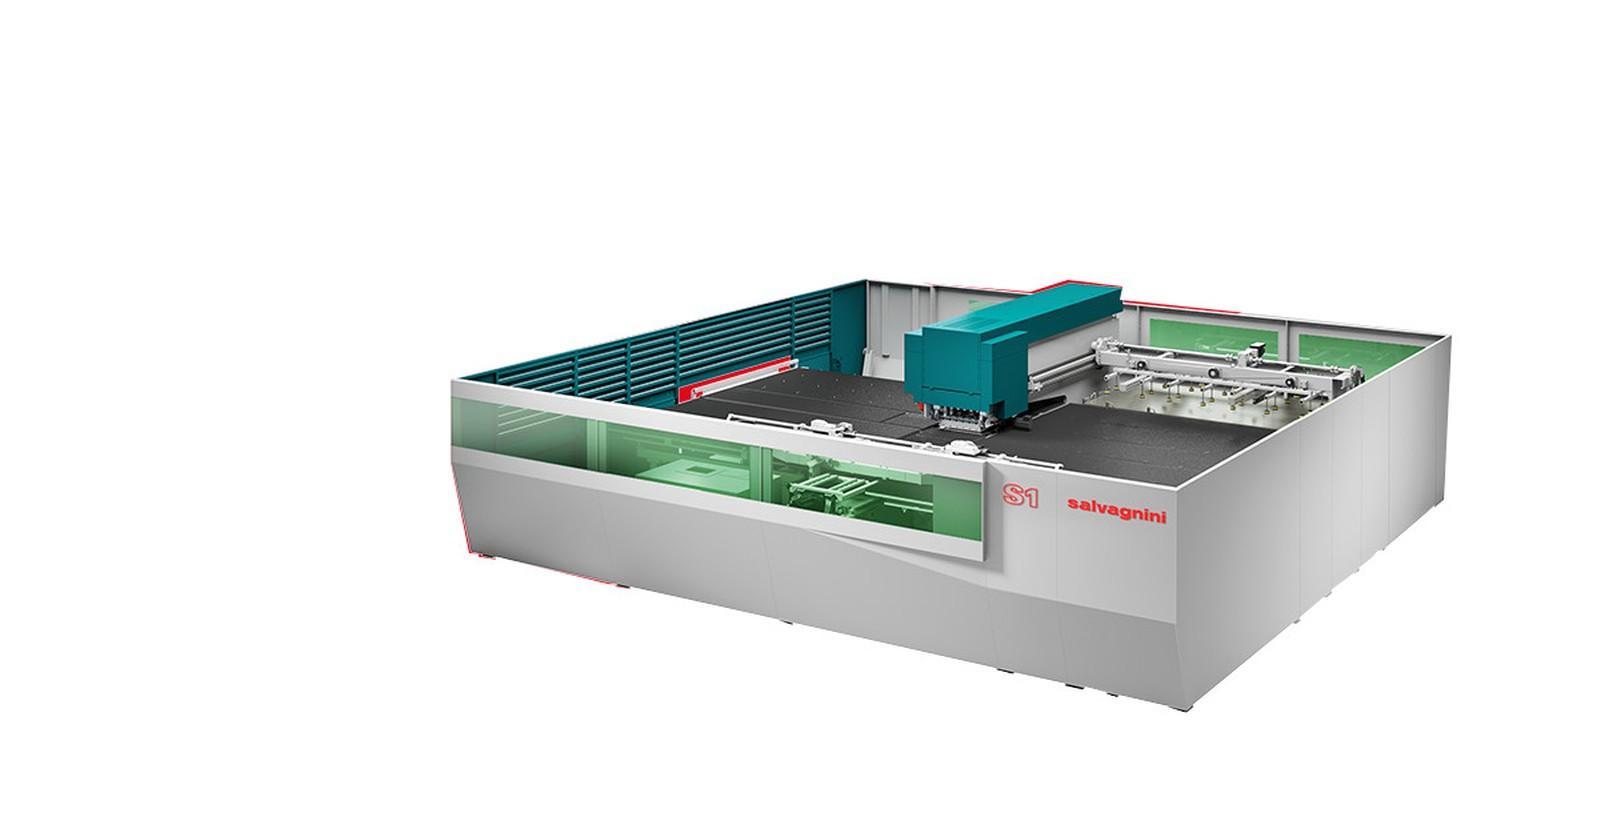 Weltpremiere auf der Euroblech 2018 hat die Stanz-Laser-Kombimaschine S1 von Salvagnini.